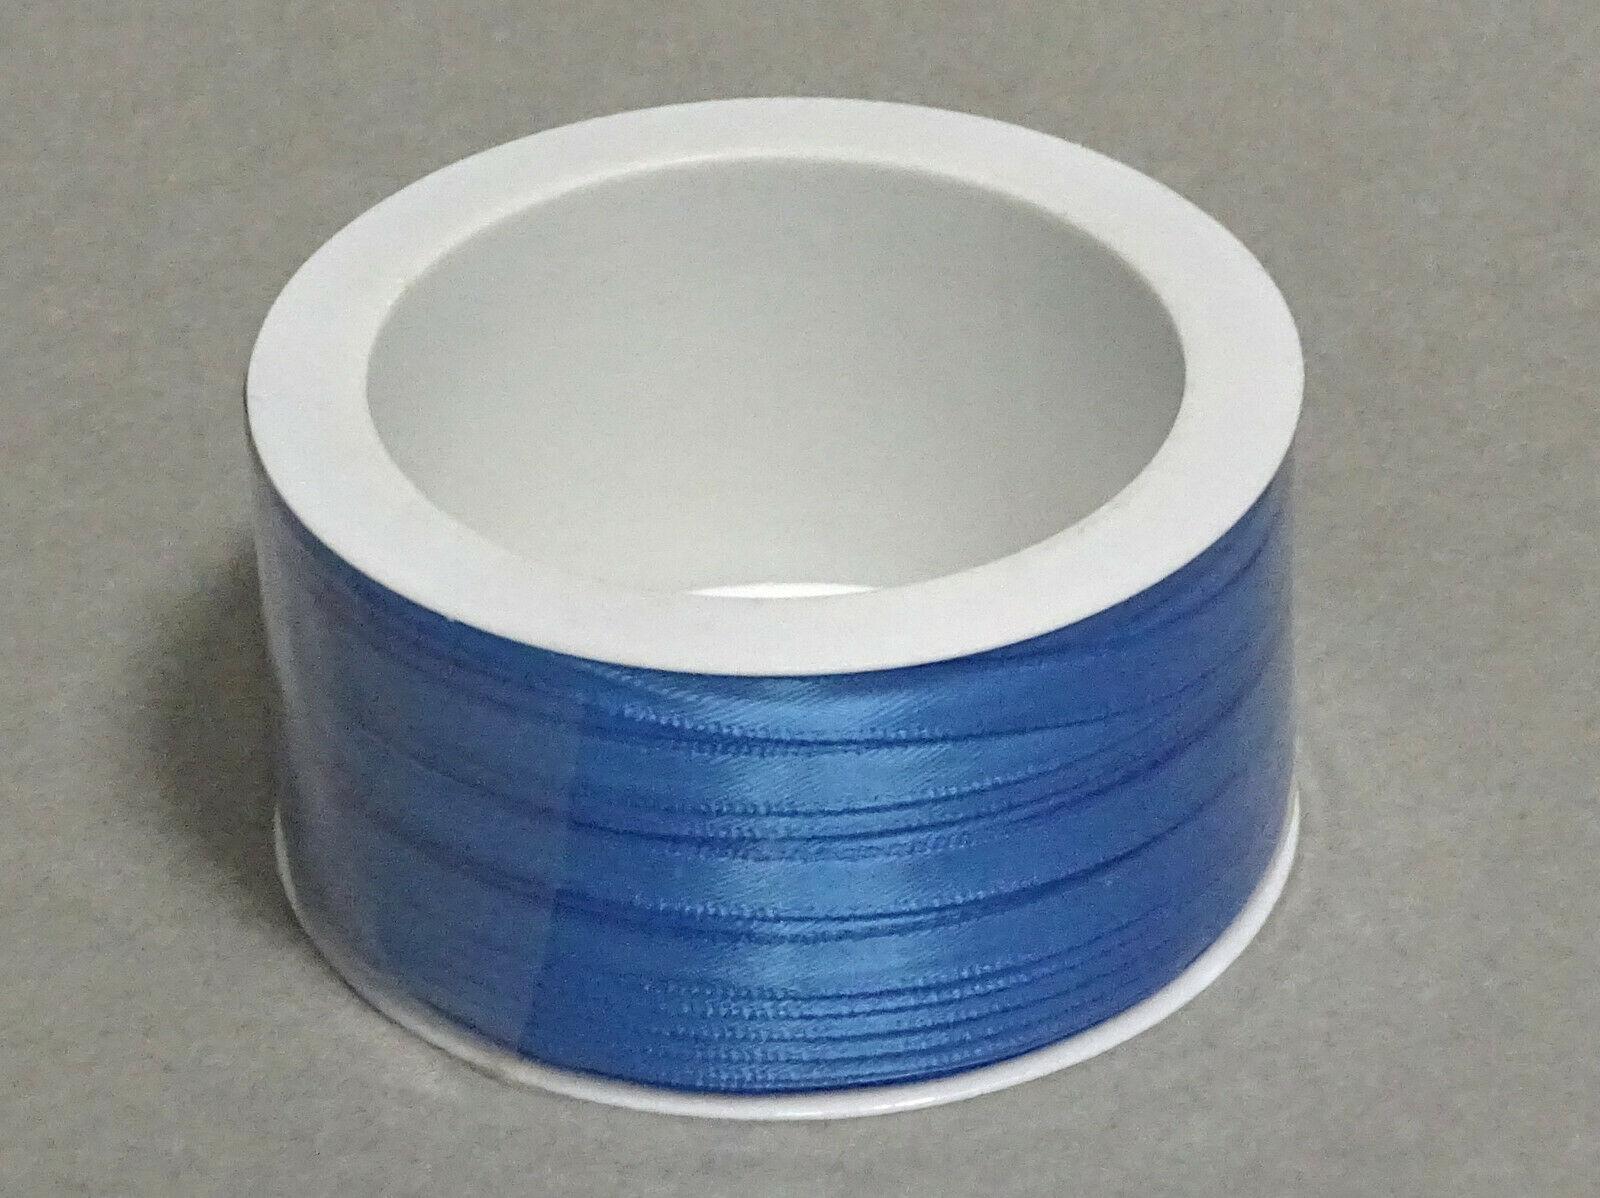 Satinband Schleifenband 50m x 3mm / 6mm Dekoband ab 0,05 €/m Geschenkband Rolle - Mid Blue 754, 3 mm x 50 m